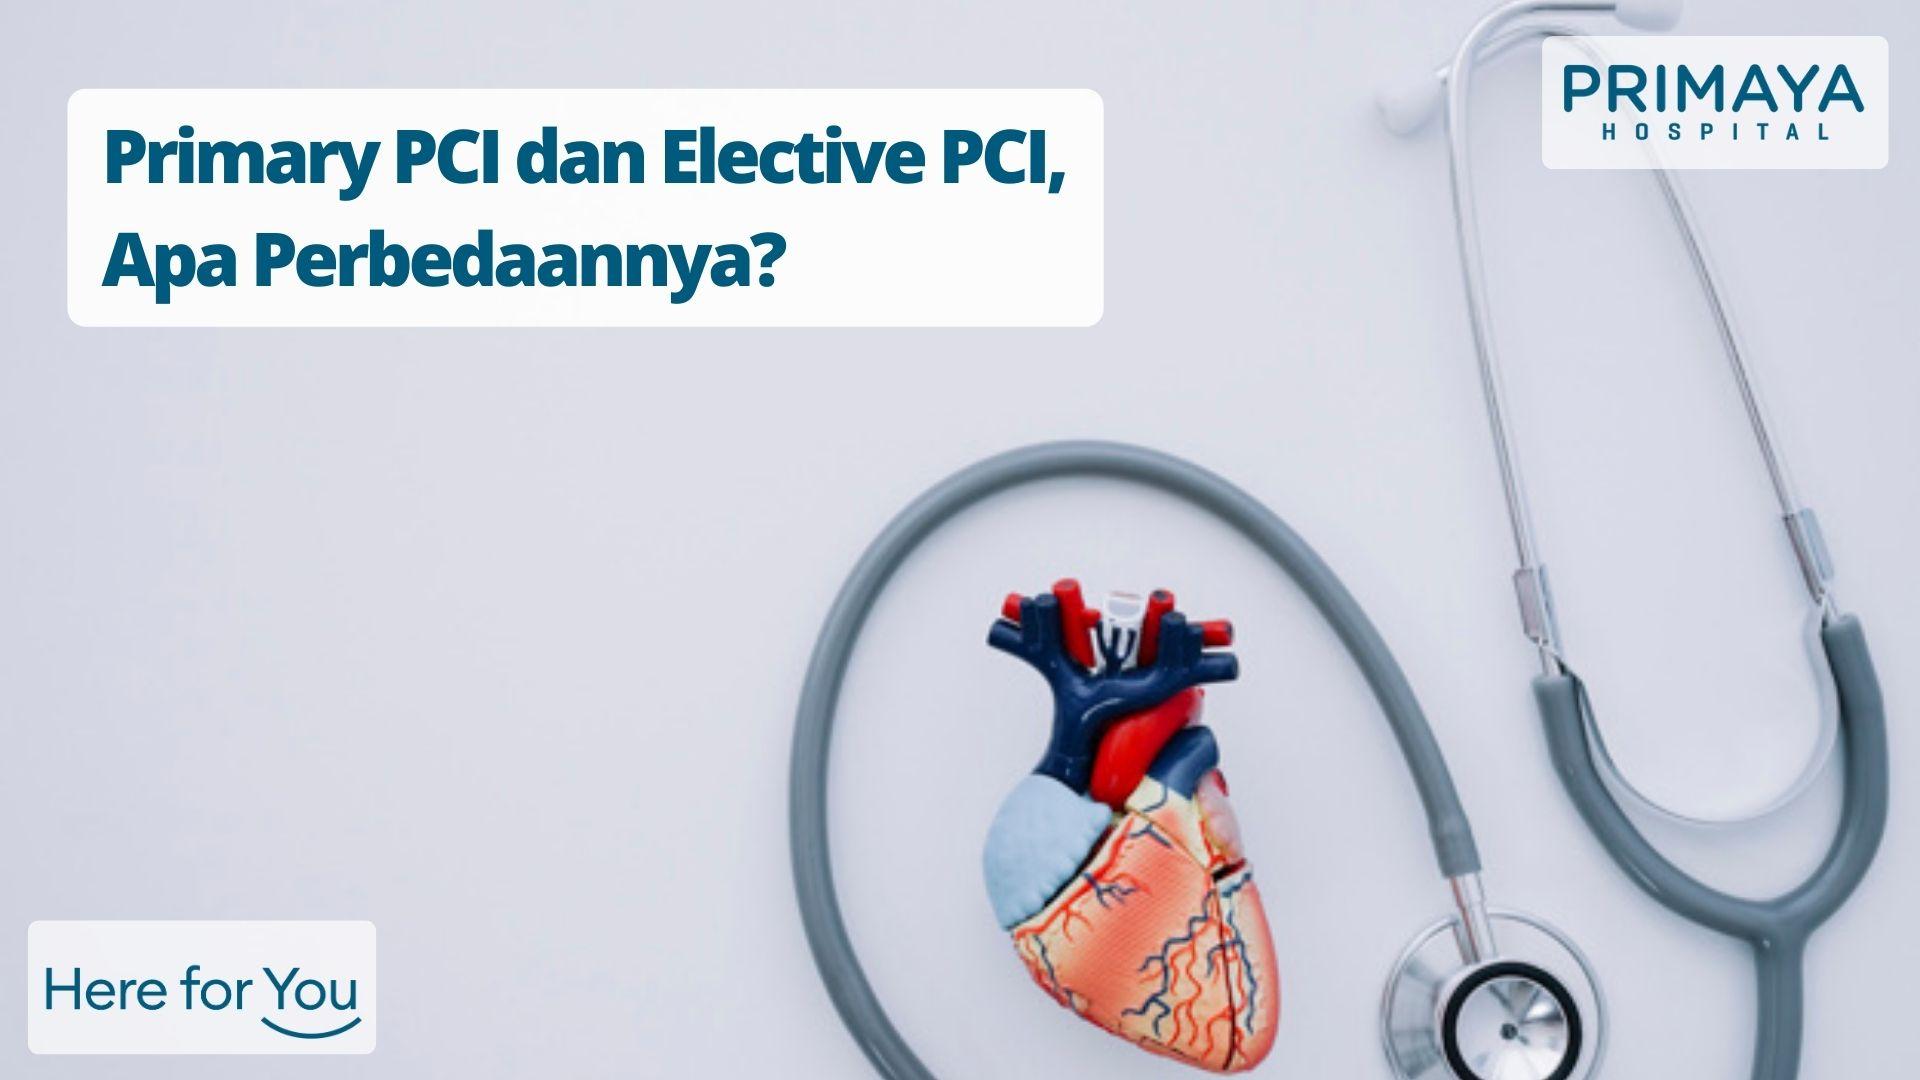 Primary PCI dan Elective PCI, Apa Perbedaannya